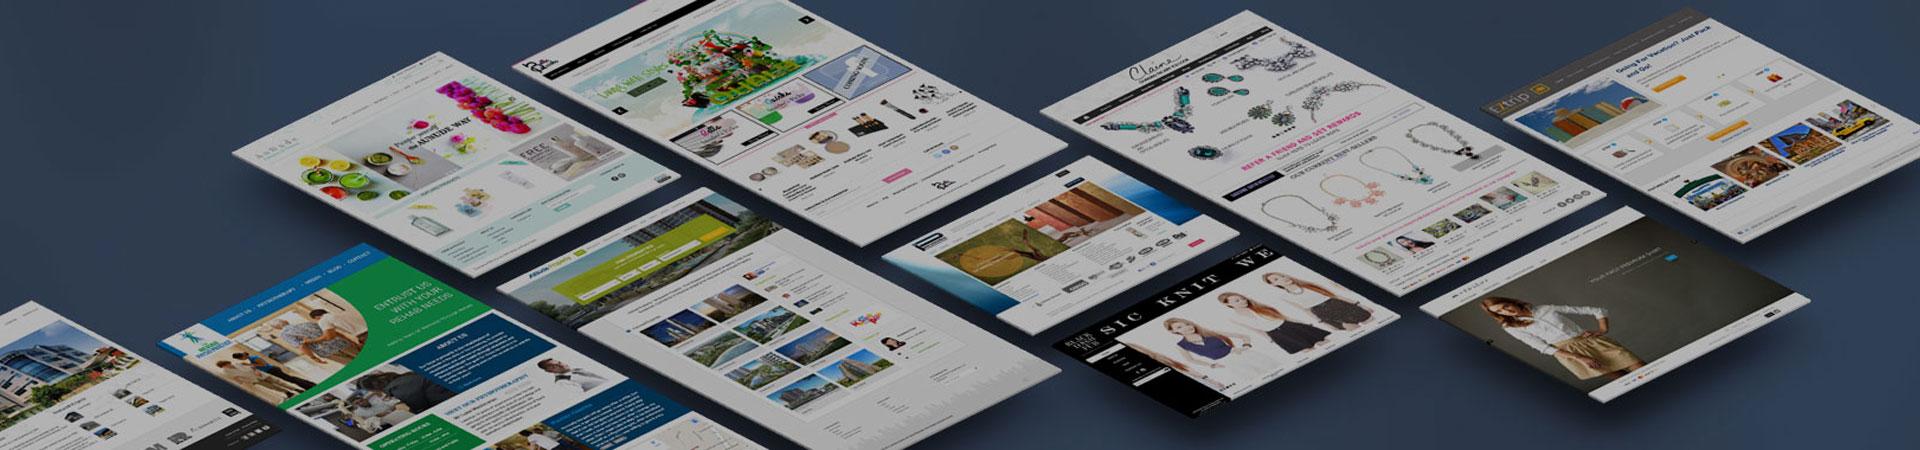 Website Design Singapore - Tifferie